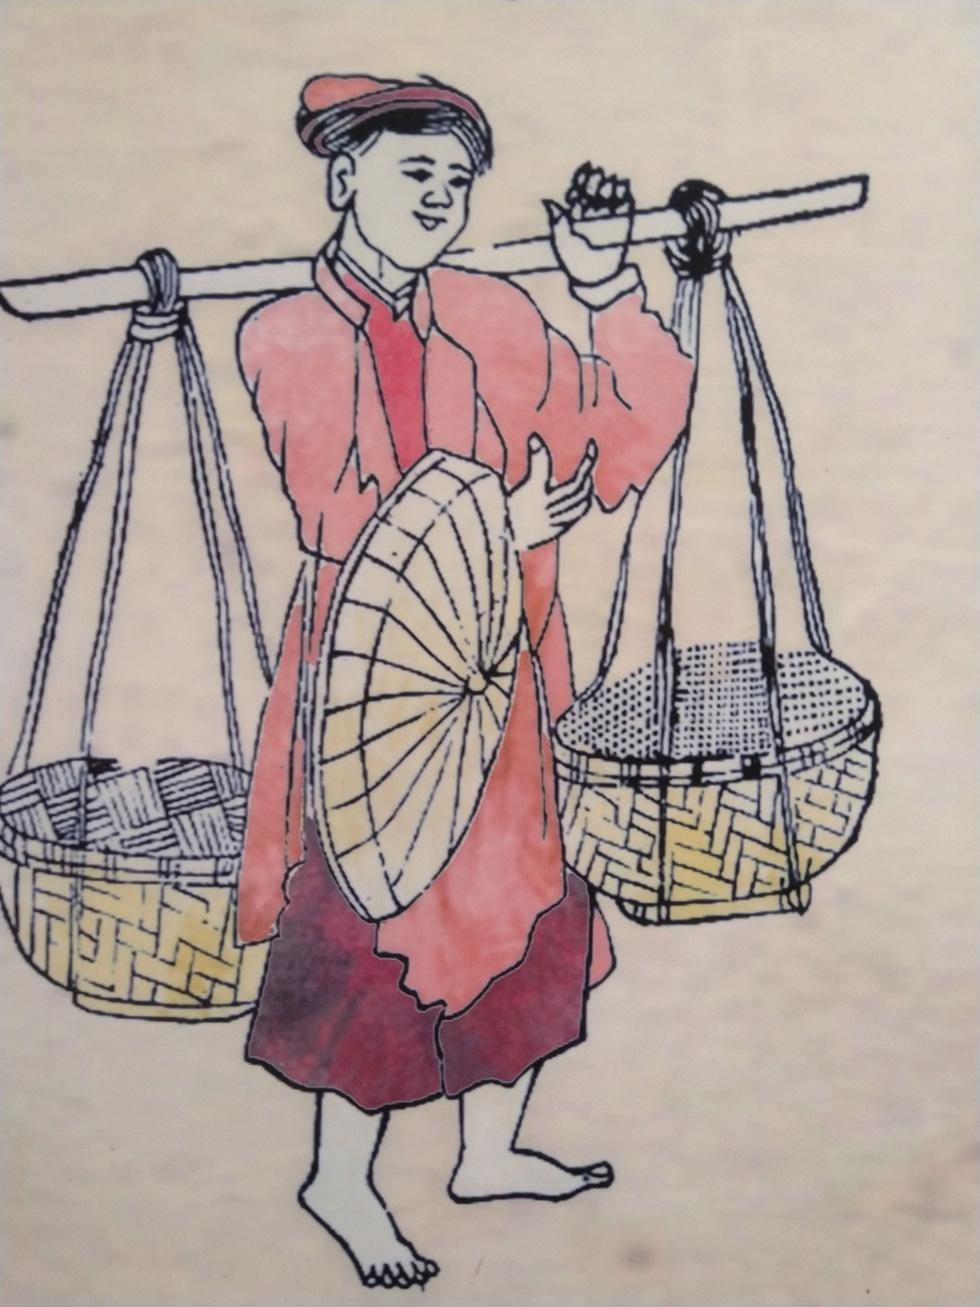 Tết Đoan Ngọ - Tết kì lạ nhất của người Việt qua tranh, tư liệu của tác giả Pháp - Ảnh 7.